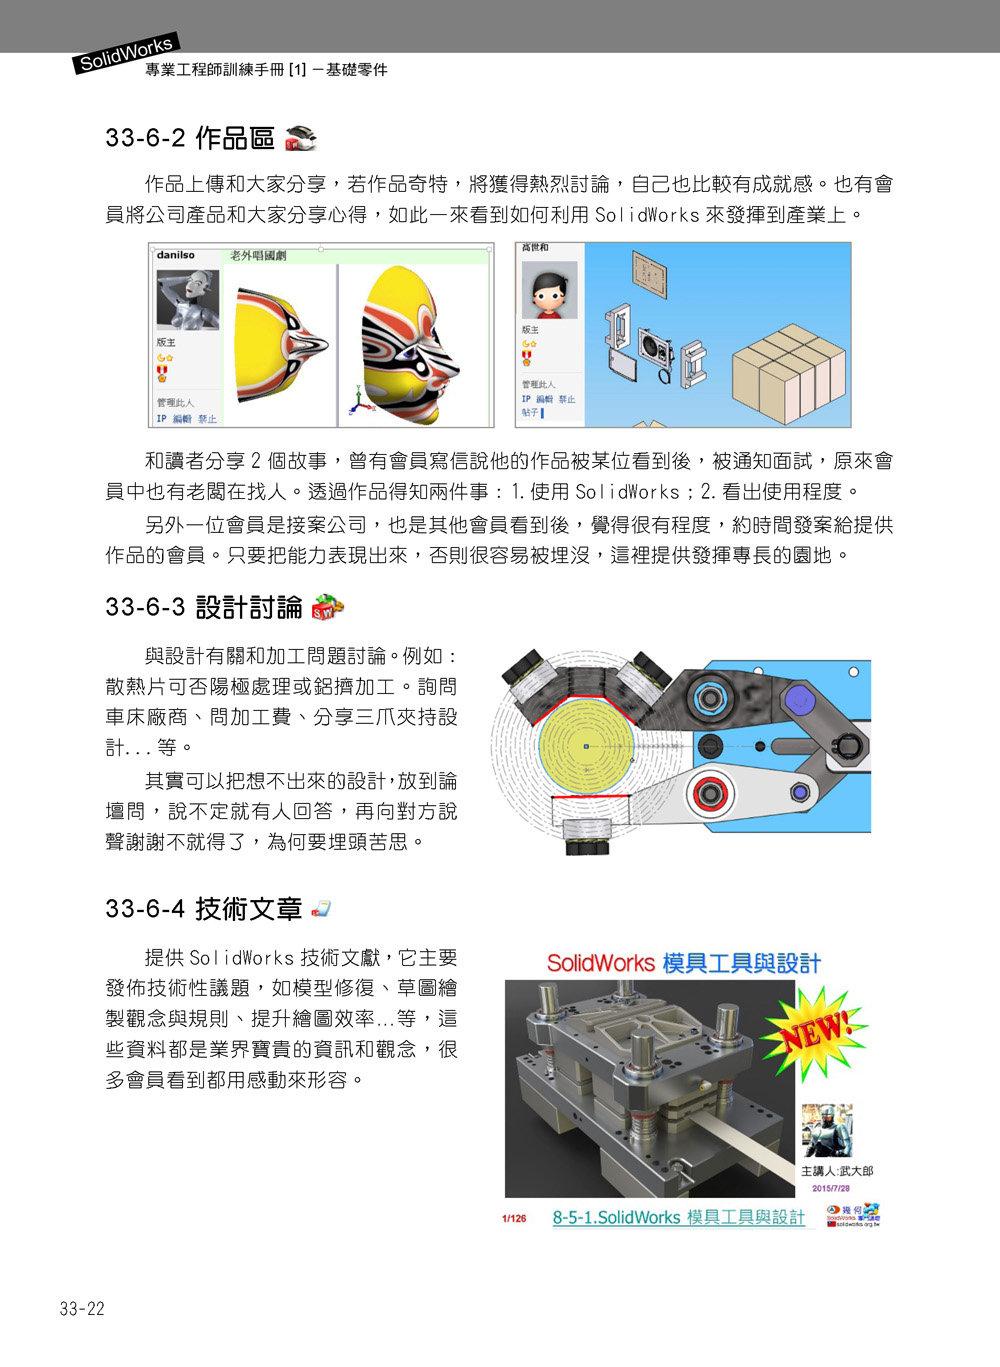 SolidWorks專業工程師訓練手冊[1]-基礎零件, 2/e-preview-29